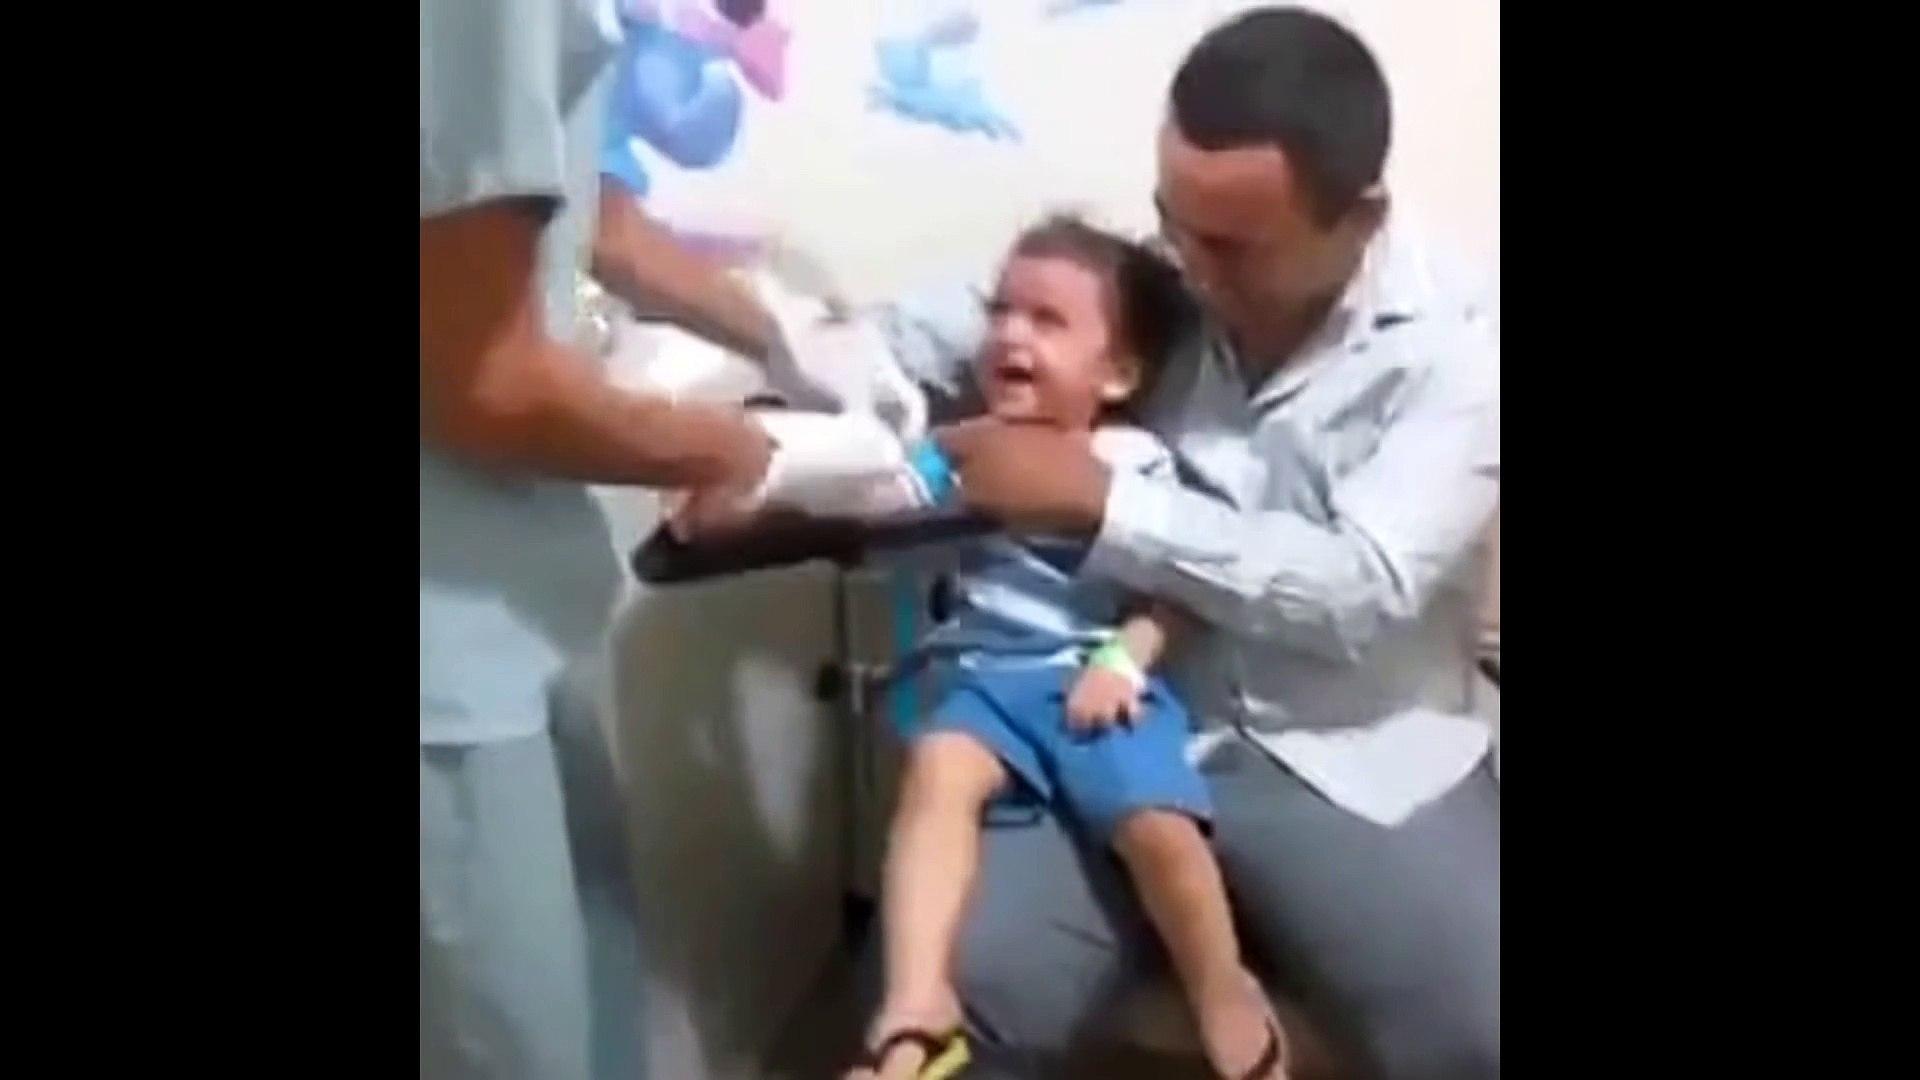 Cute Baby Videos Funny ¦ Cute Baby ¦ Video Clip